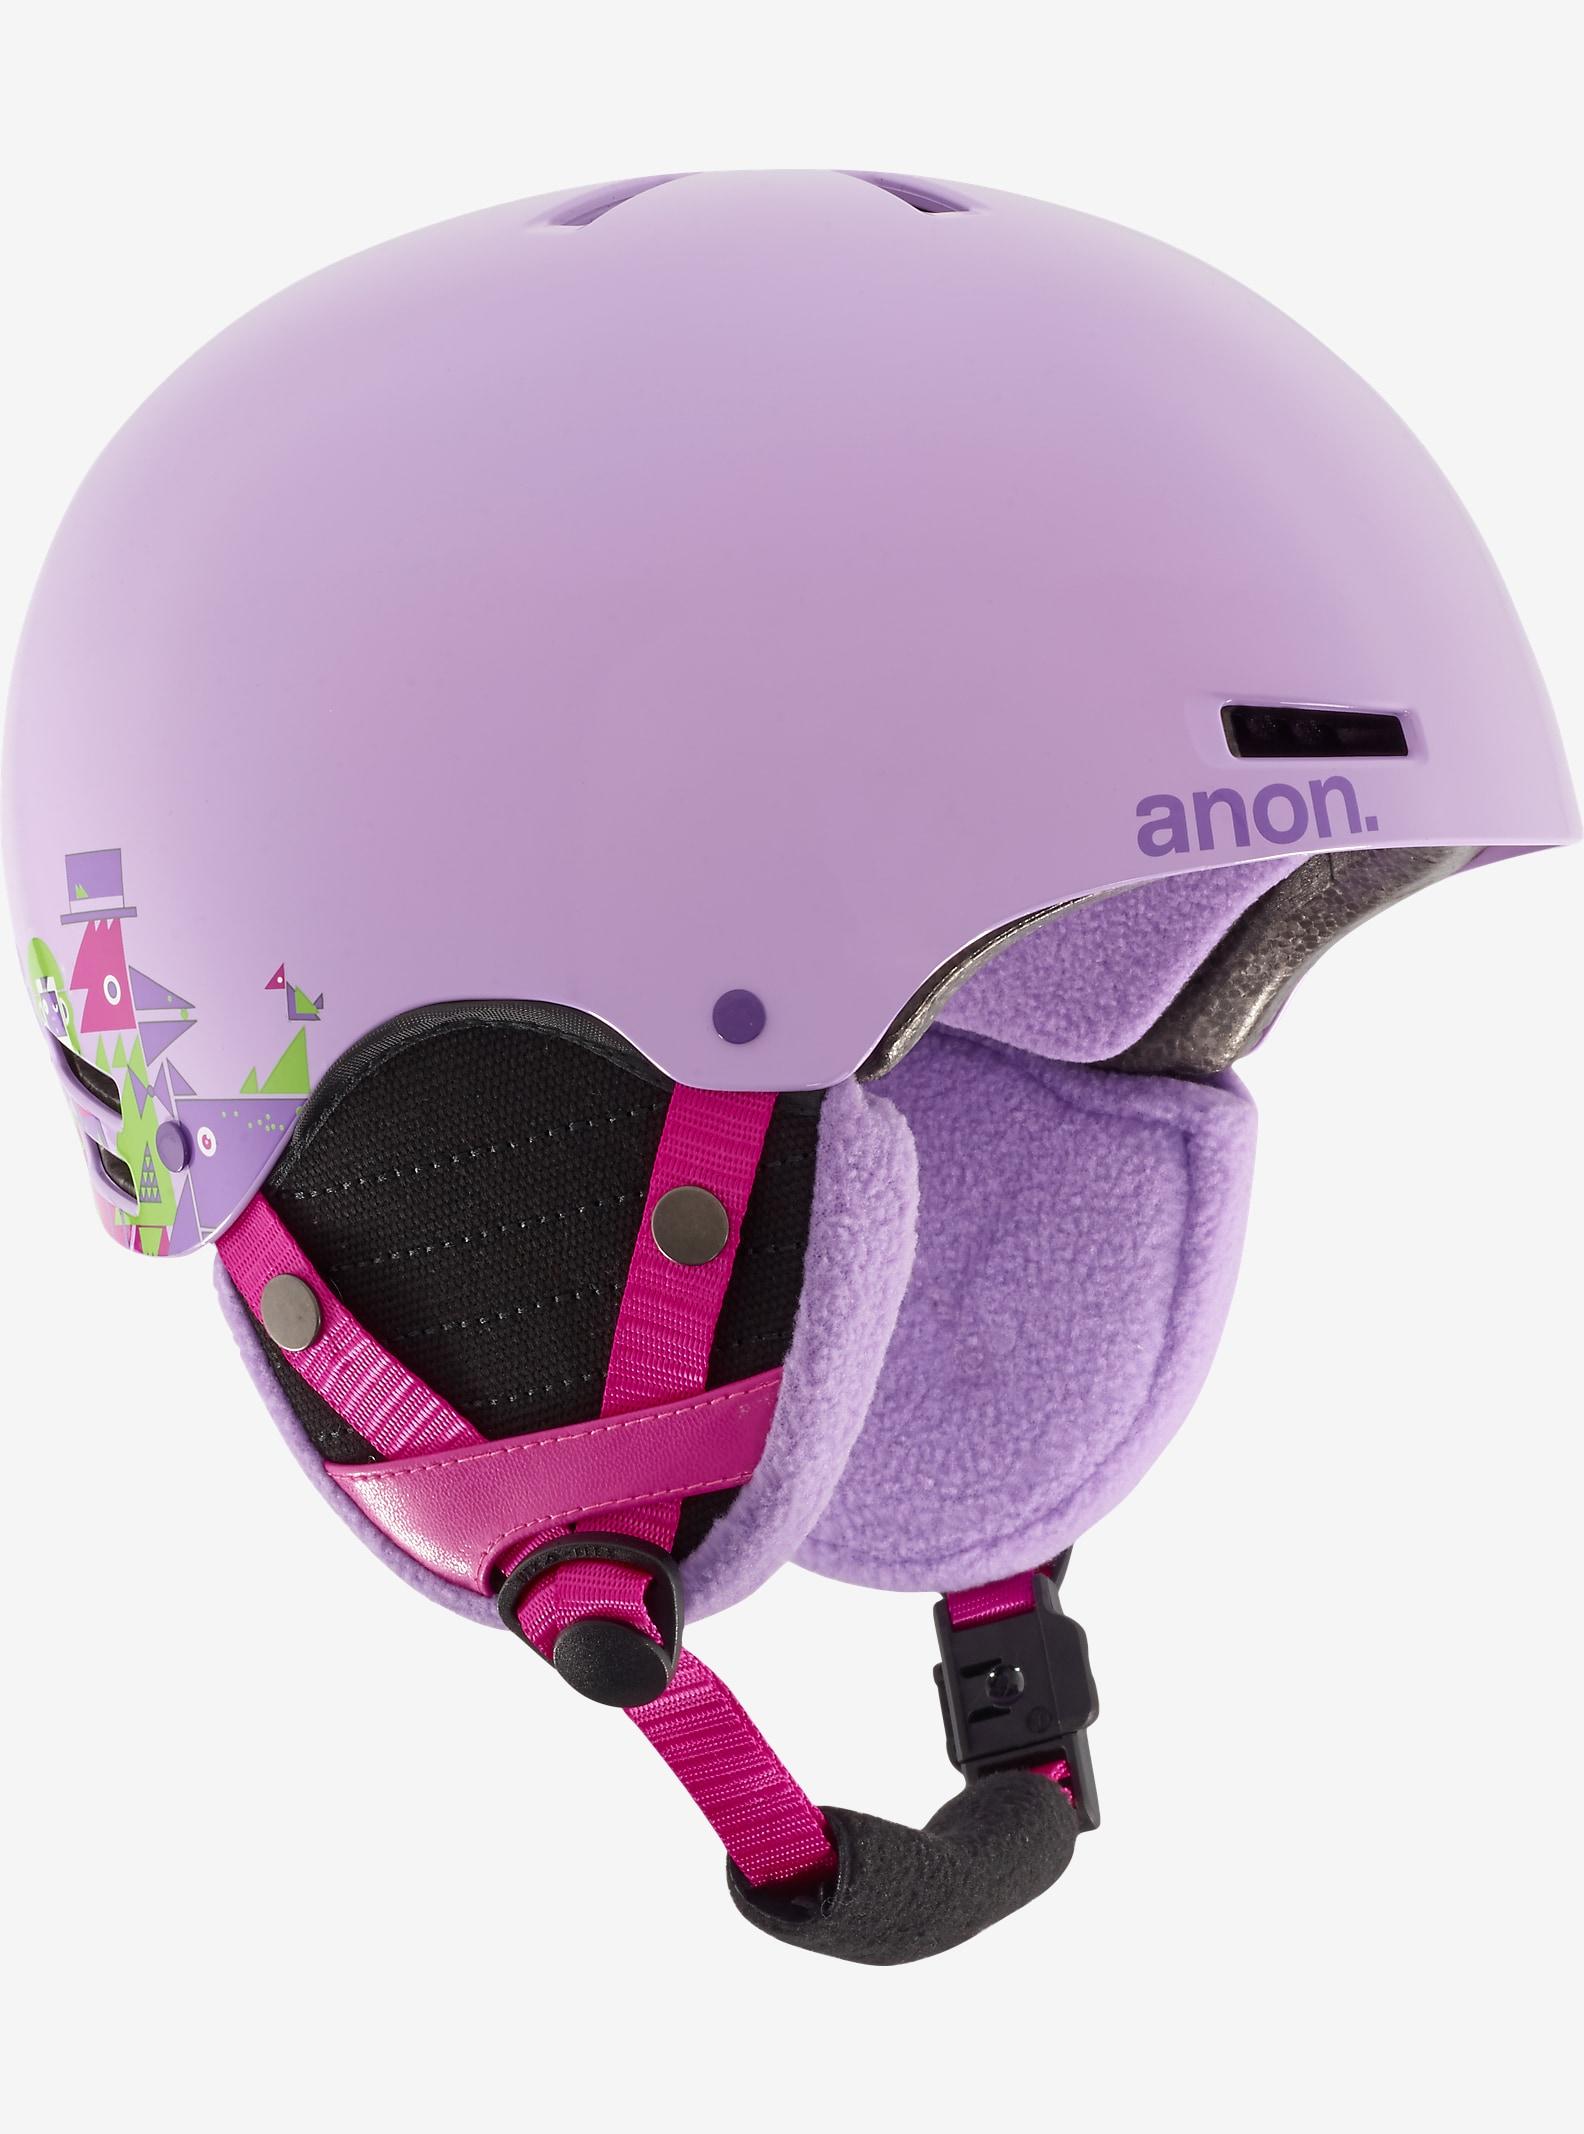 anon. Girls' Rime Helmet shown in Wildlife Purple